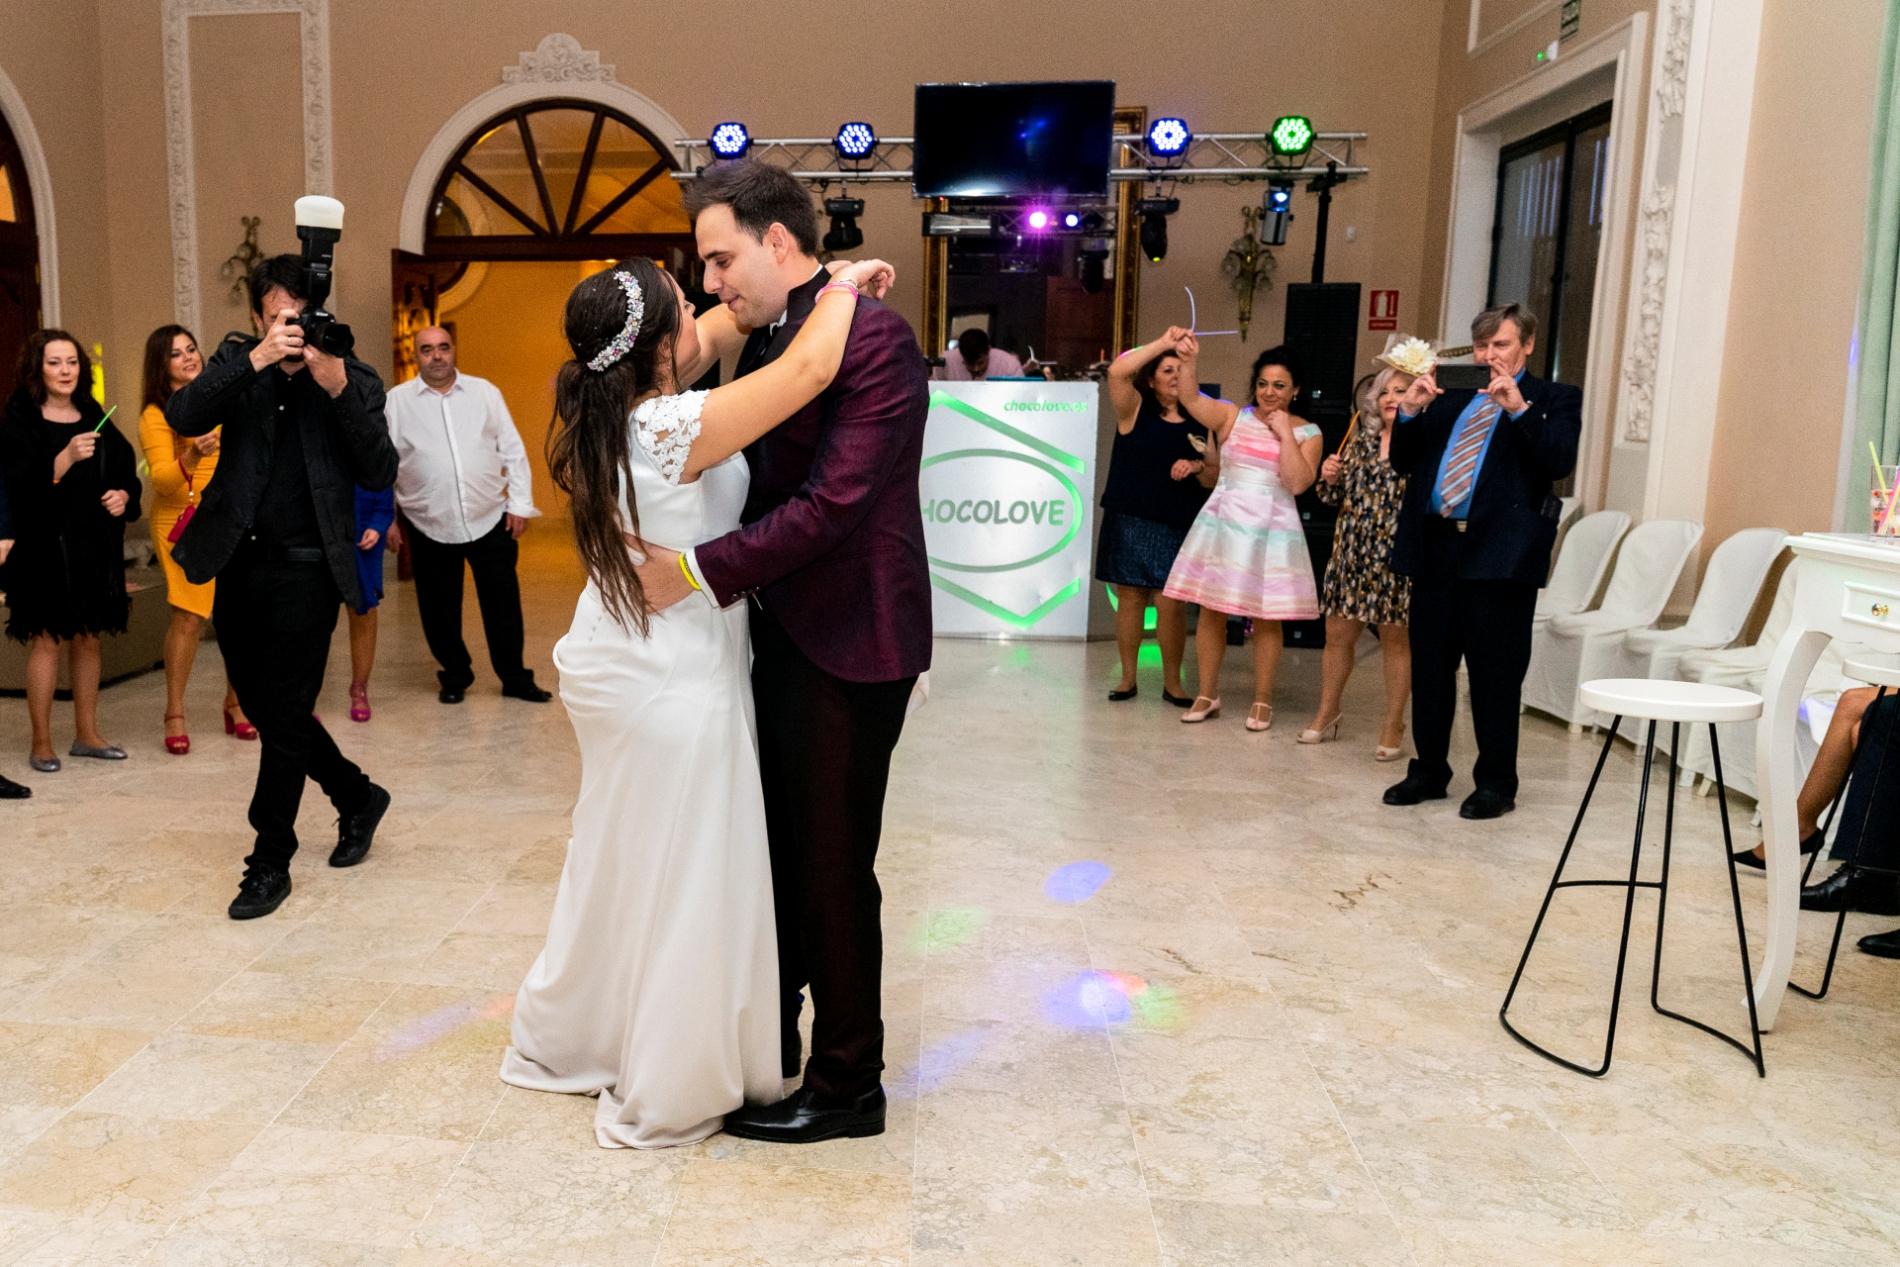 Jaen Jaen, Hochzeitsfotograf, arbeitet an einem Hochzeitsort.